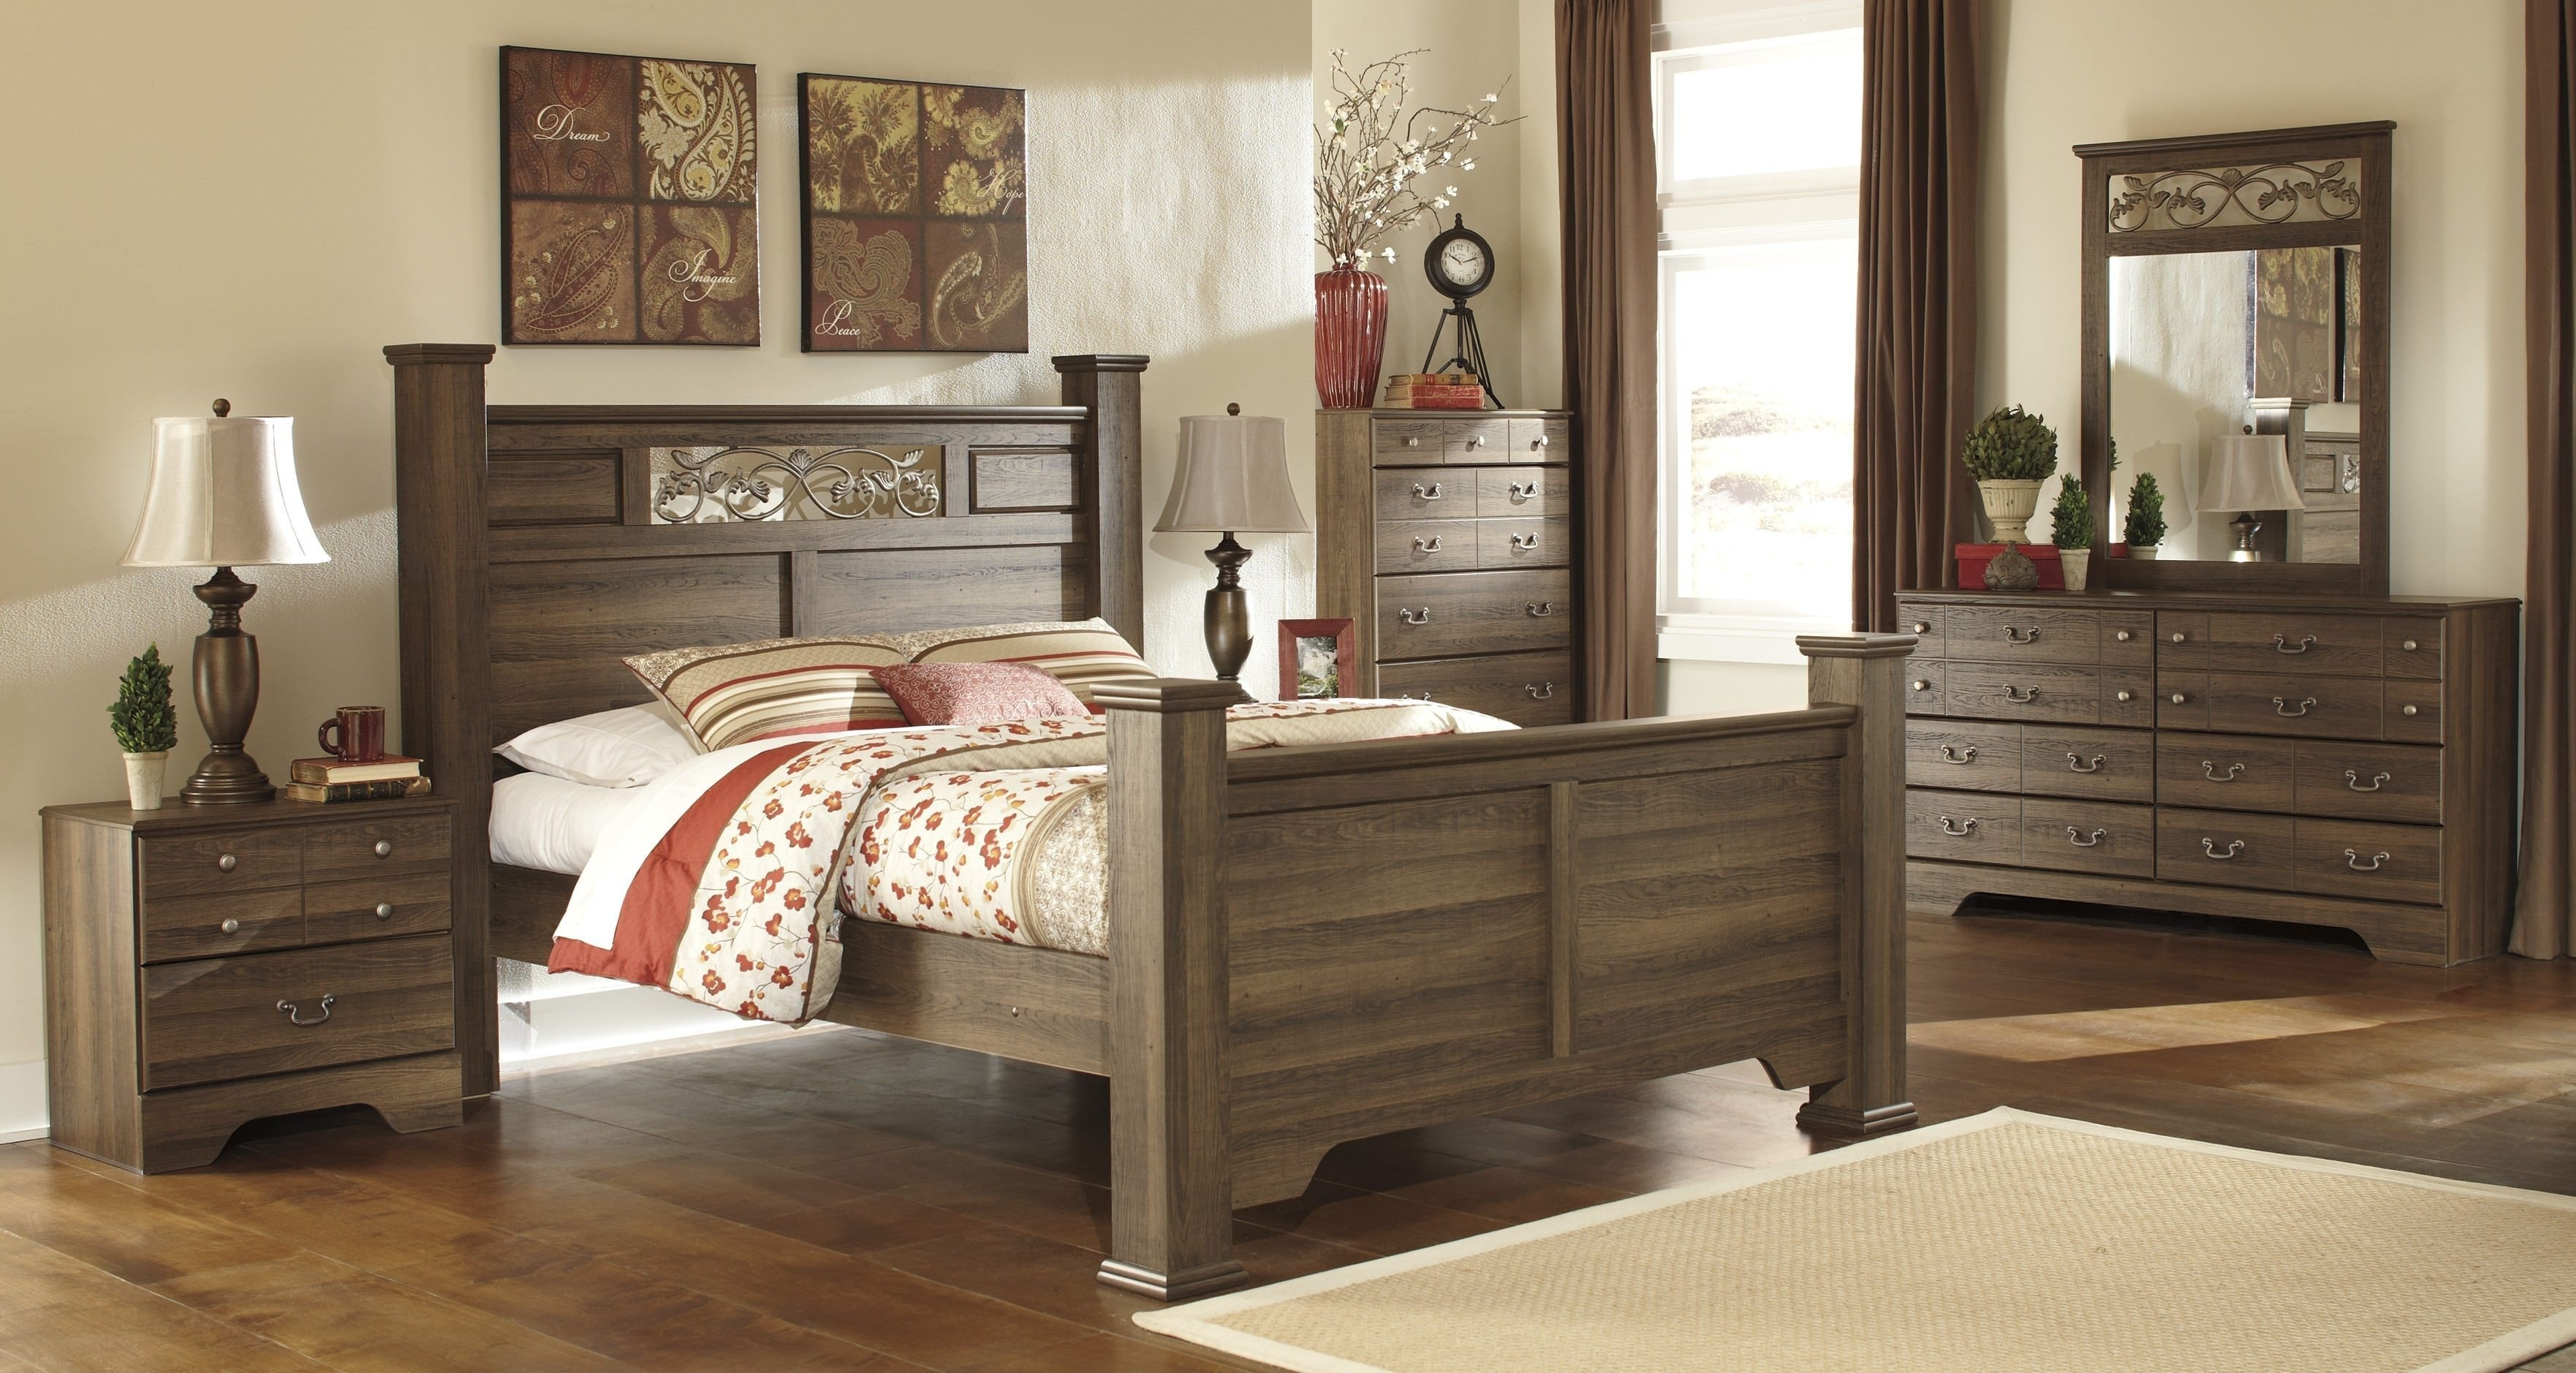 Bob Discount Furniture Bedroom Set Beautiful Furniture Captivating Bobs Furniture Clearance and Cozy